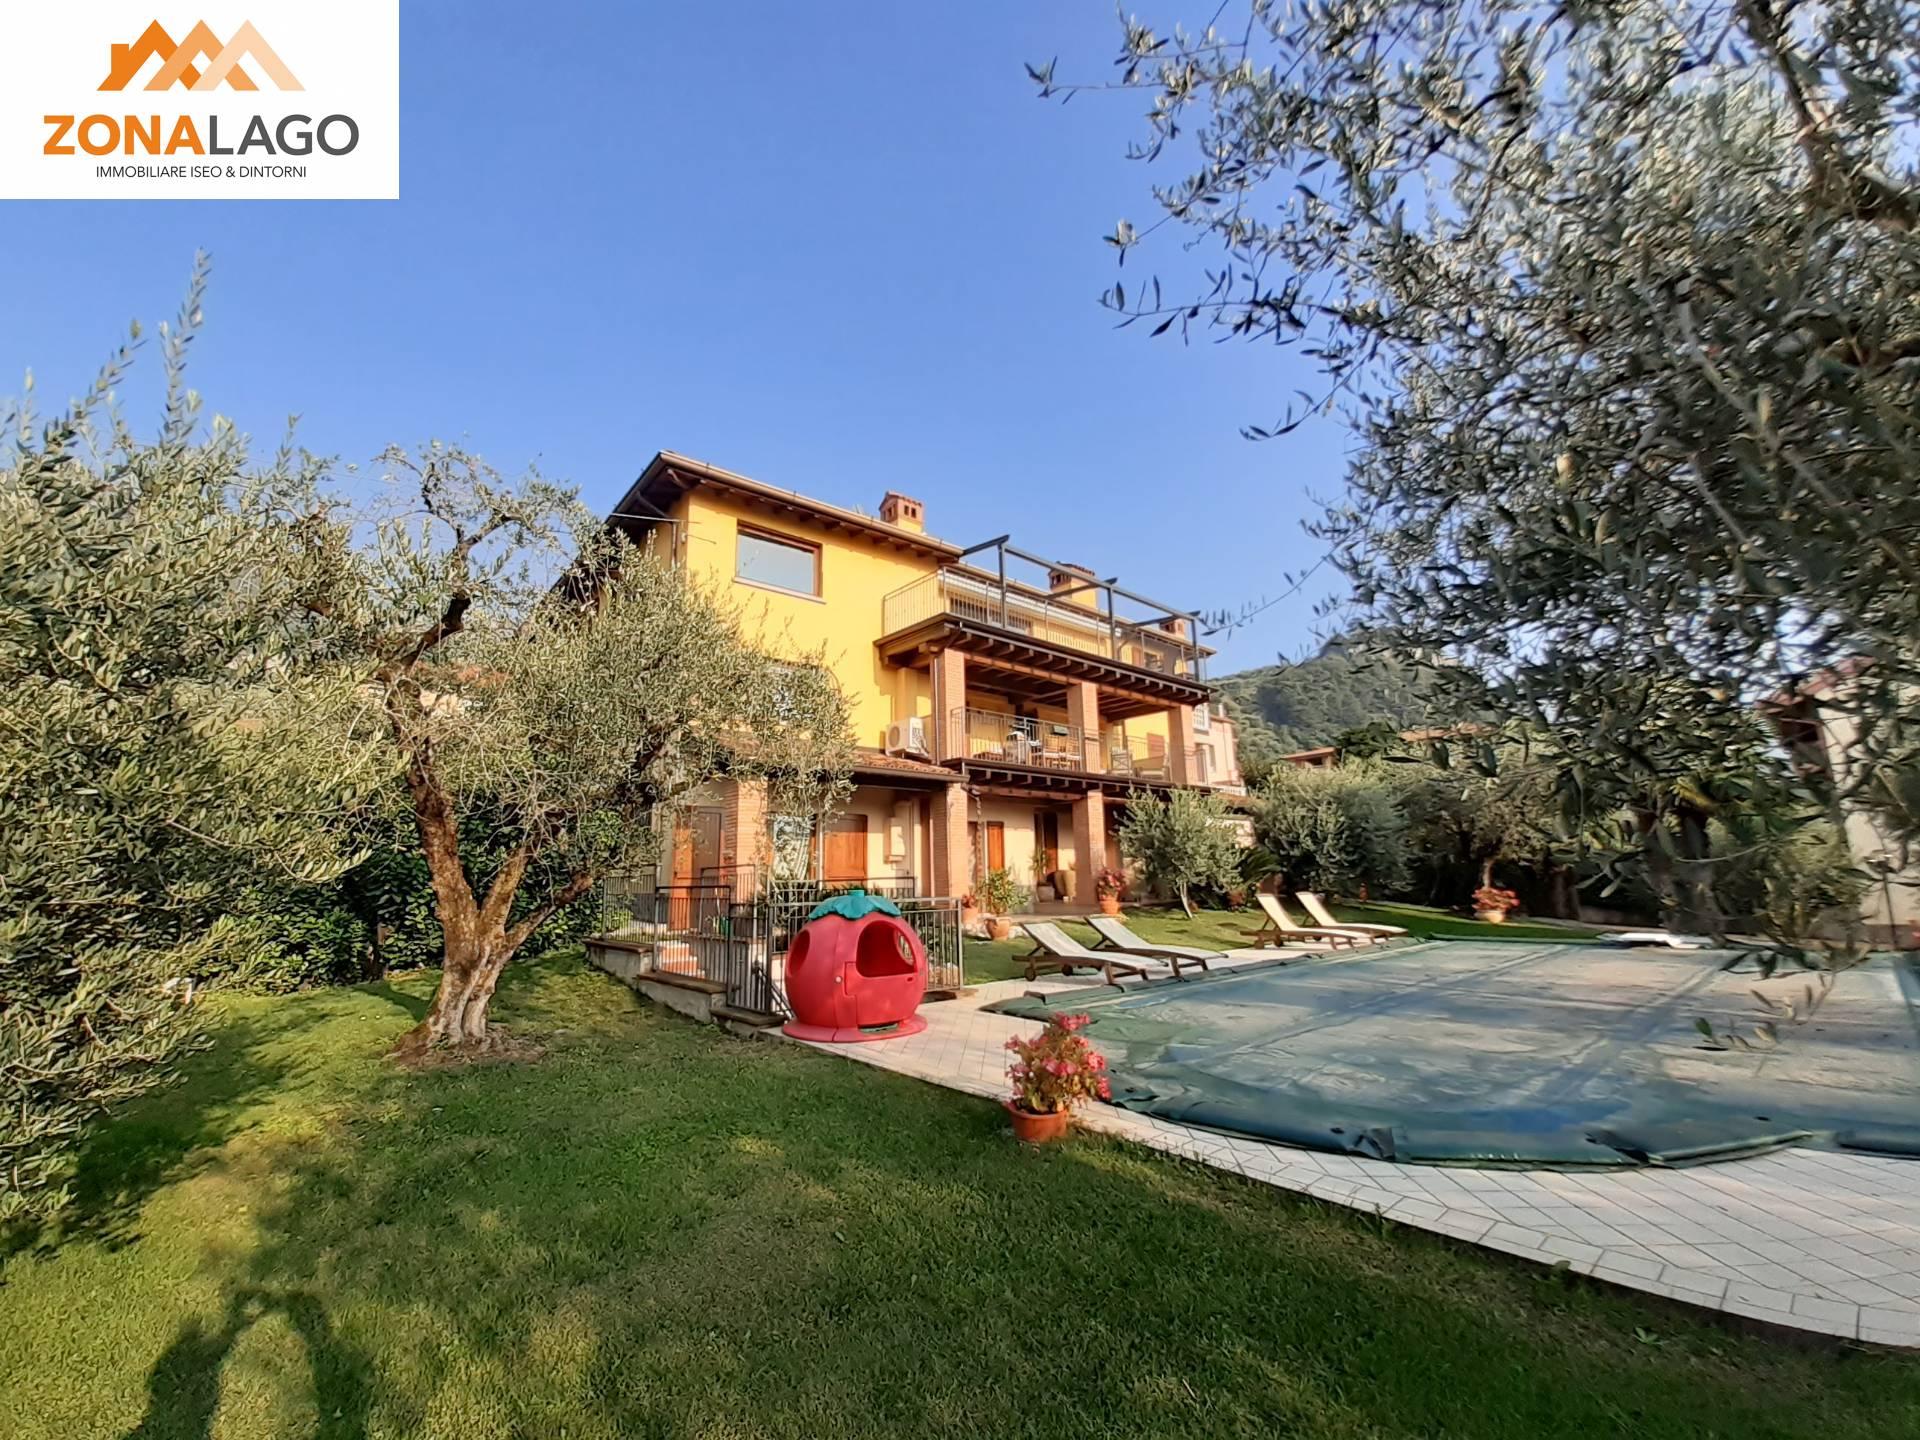 Appartamento in vendita a Marone, 3 locali, zona Località: Centro/centrostorico, prezzo € 330.000   PortaleAgenzieImmobiliari.it